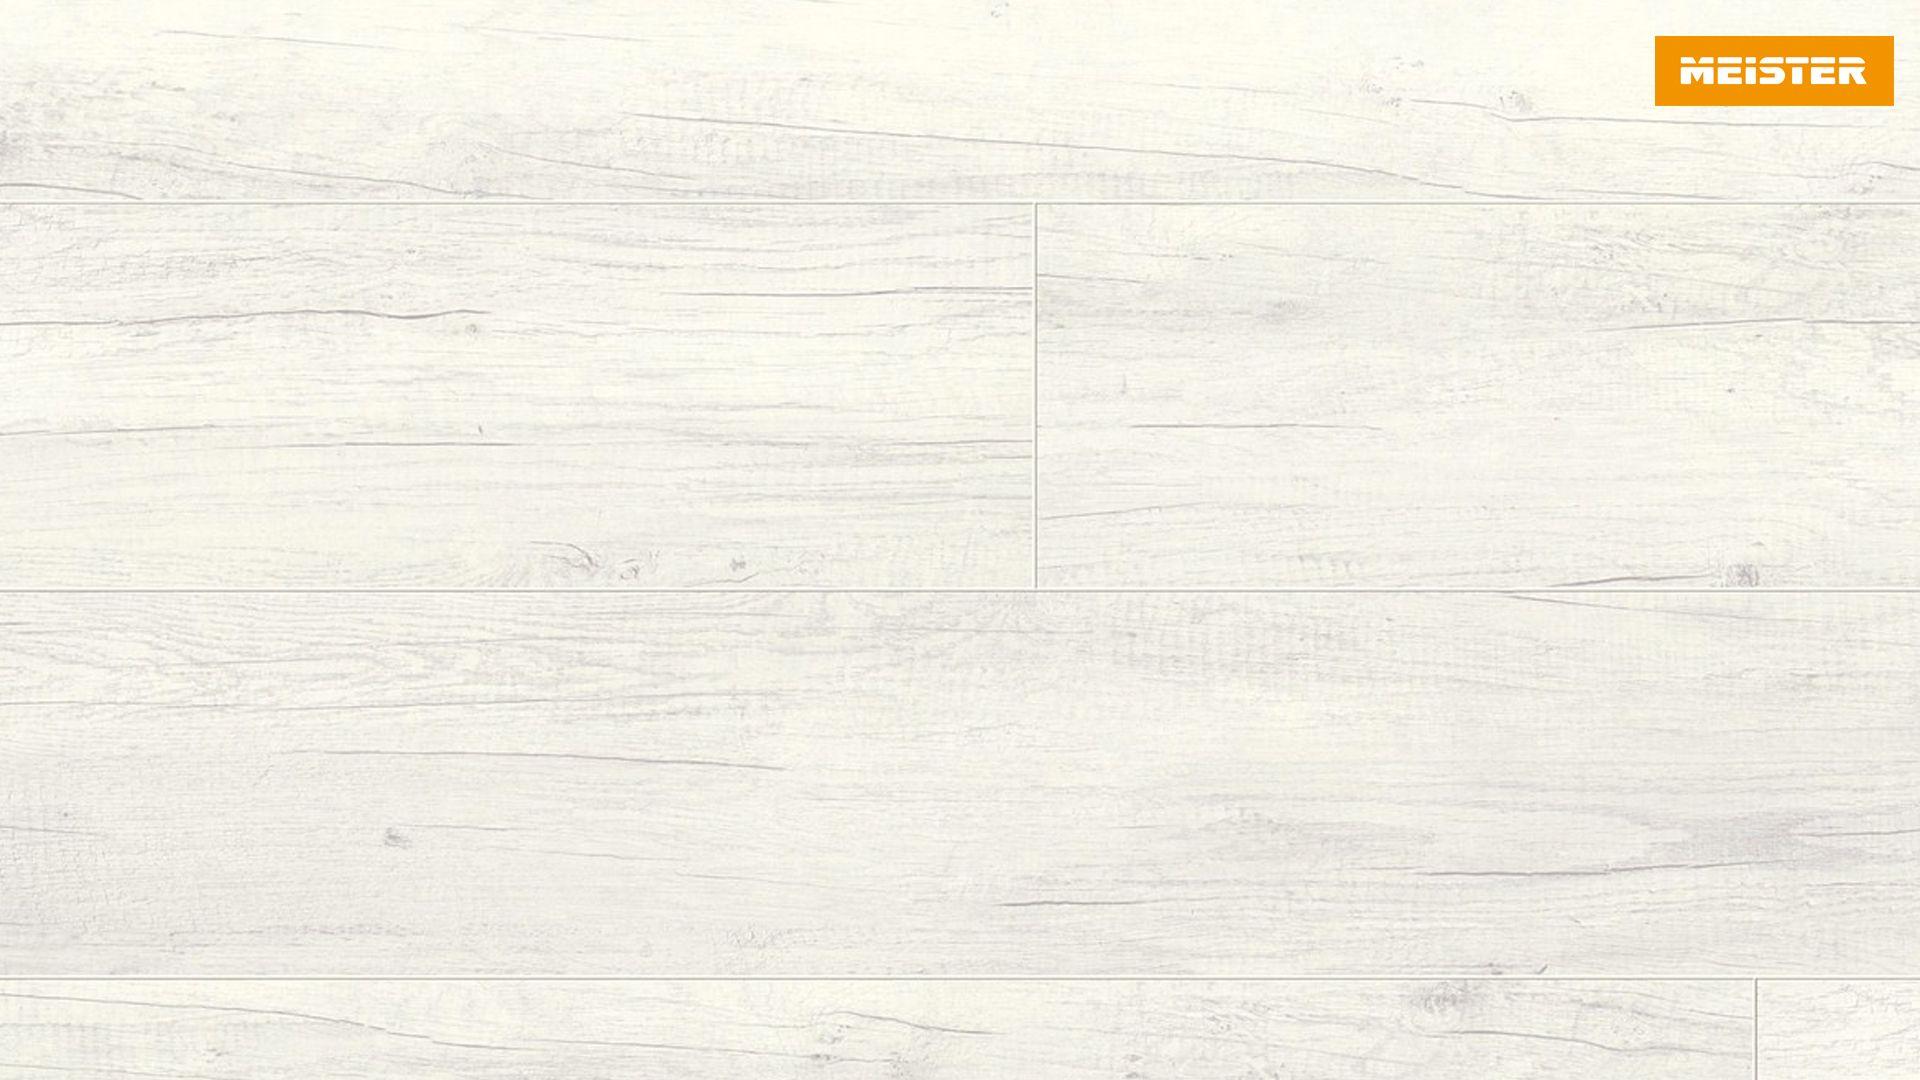 Bevorzugt Meister Laminatboden LD 95 Eiche weiß deckend 6536, Landhausdiele AV42